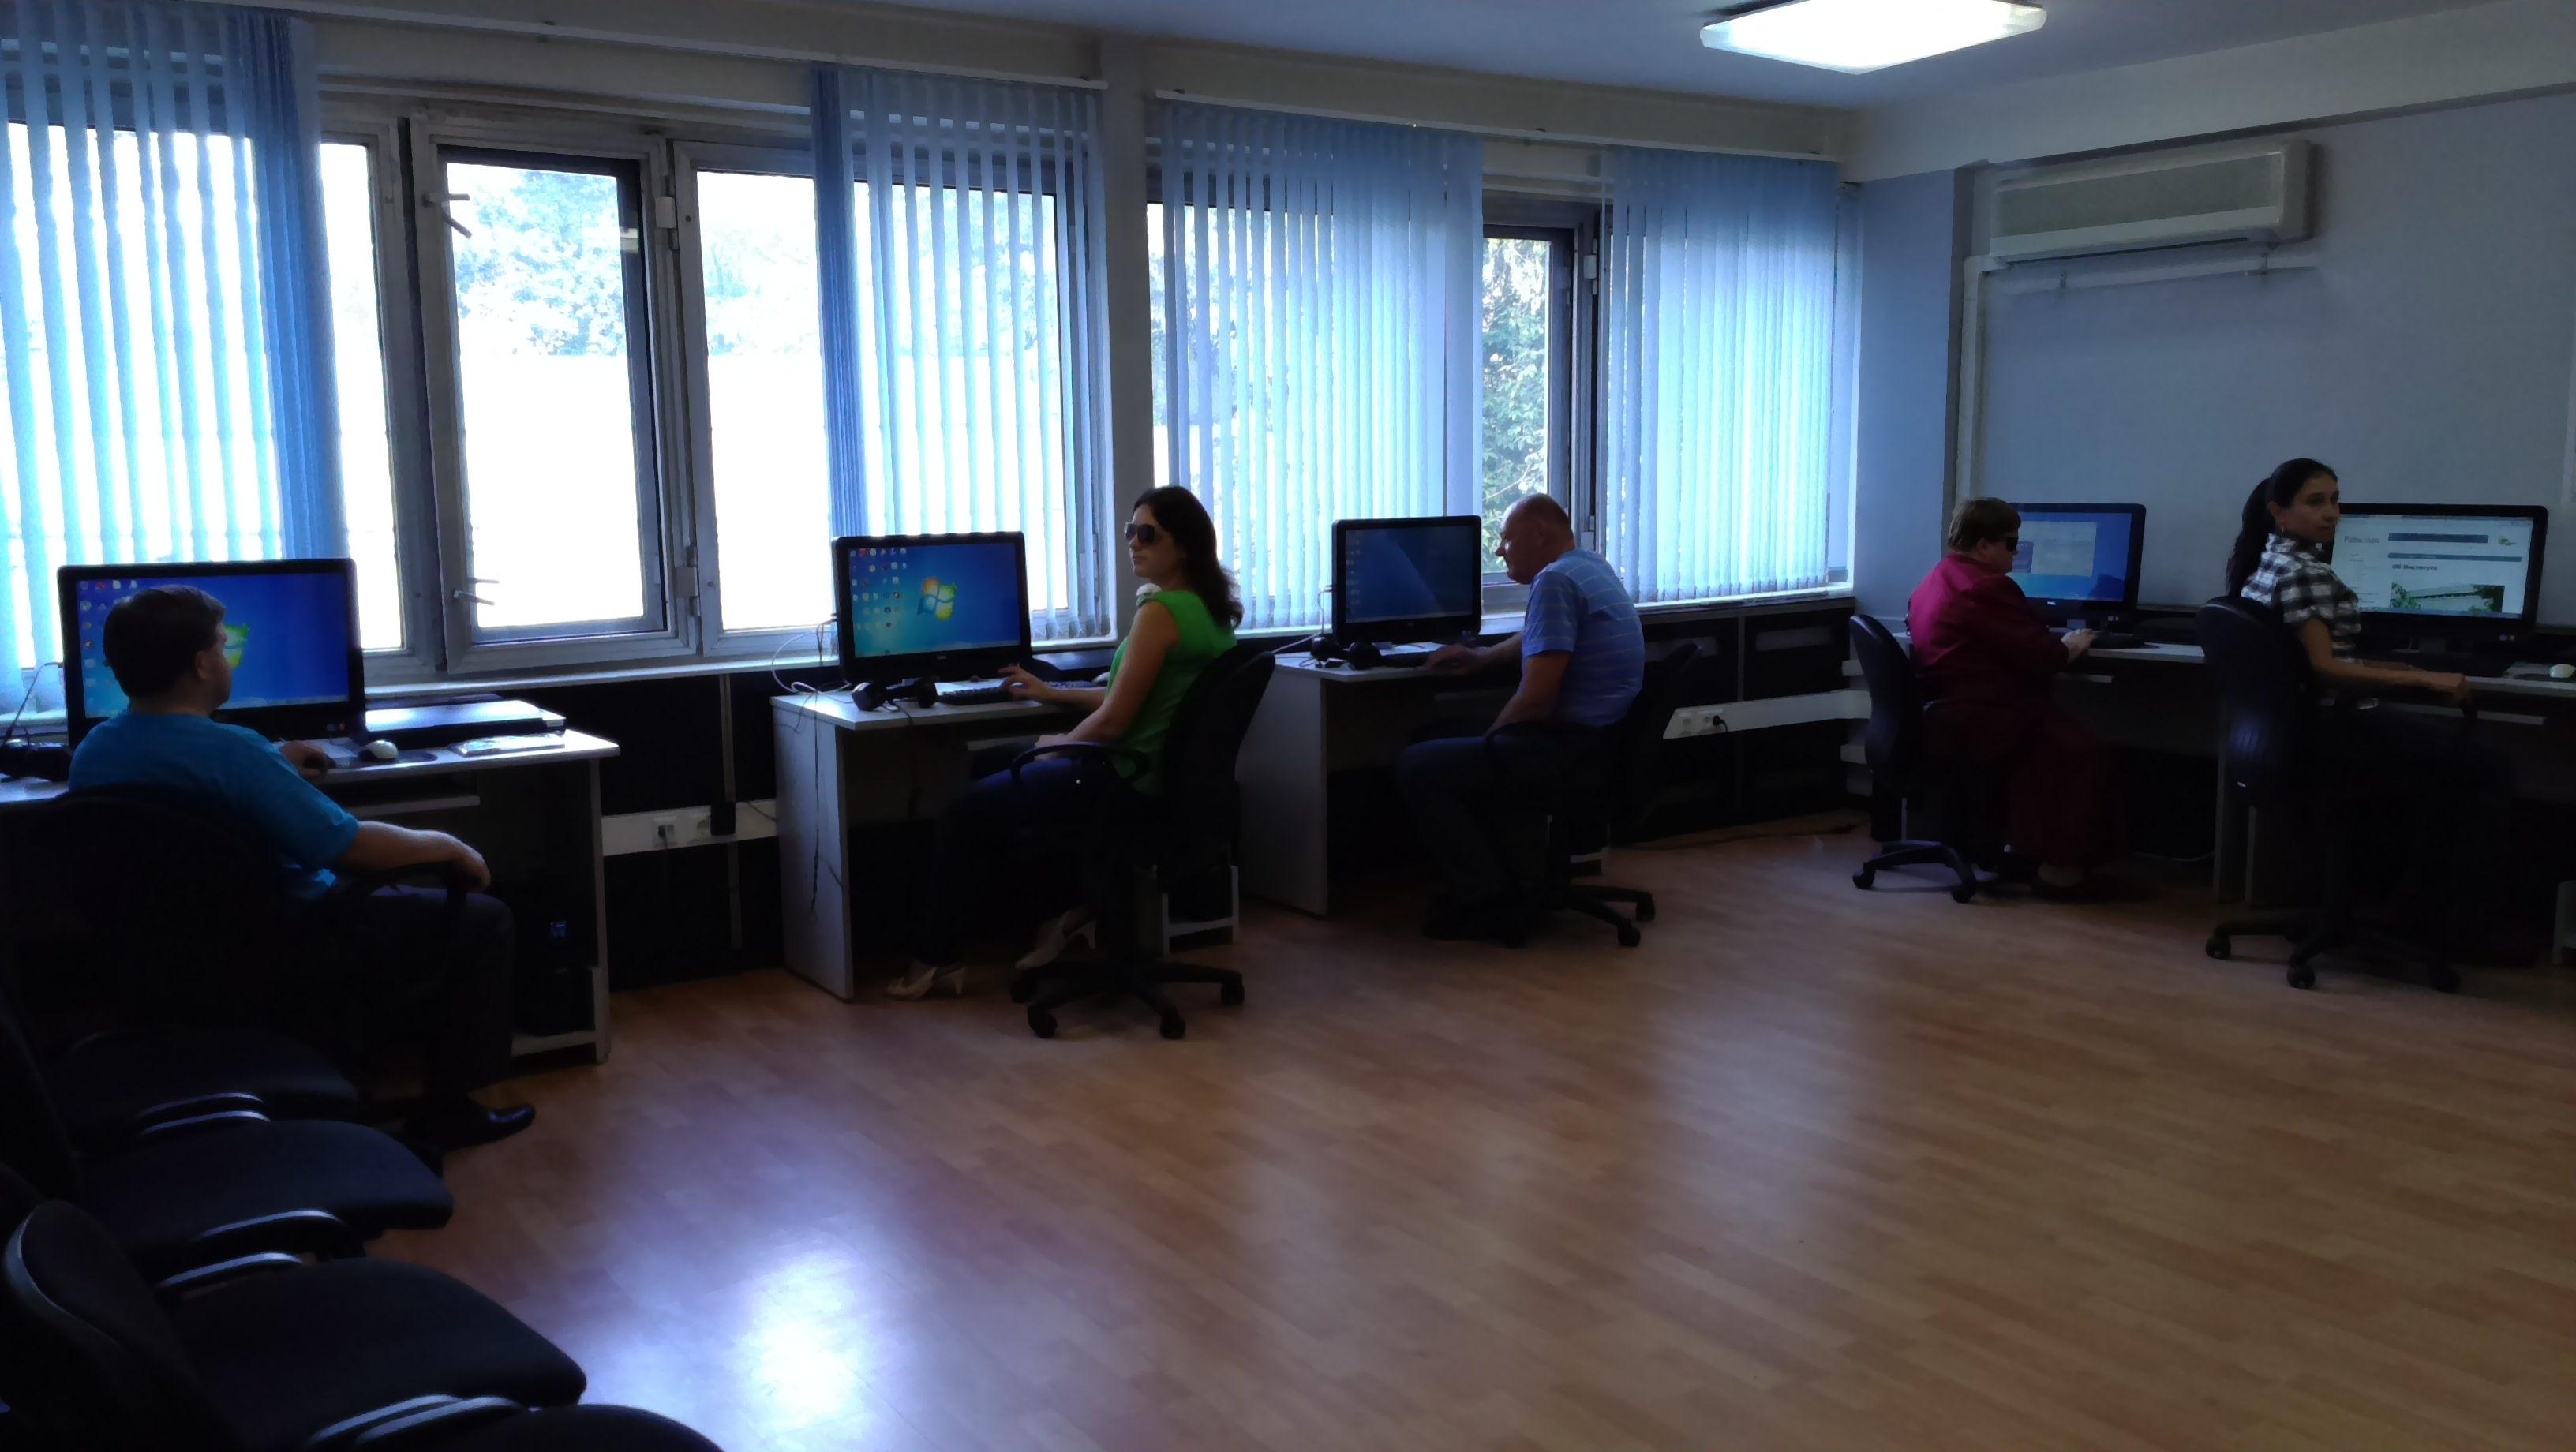 9 сентября начала обучаться группа инвалидов по зрению по заявкам РО ВОС «Информационные технологии (основной курс)»